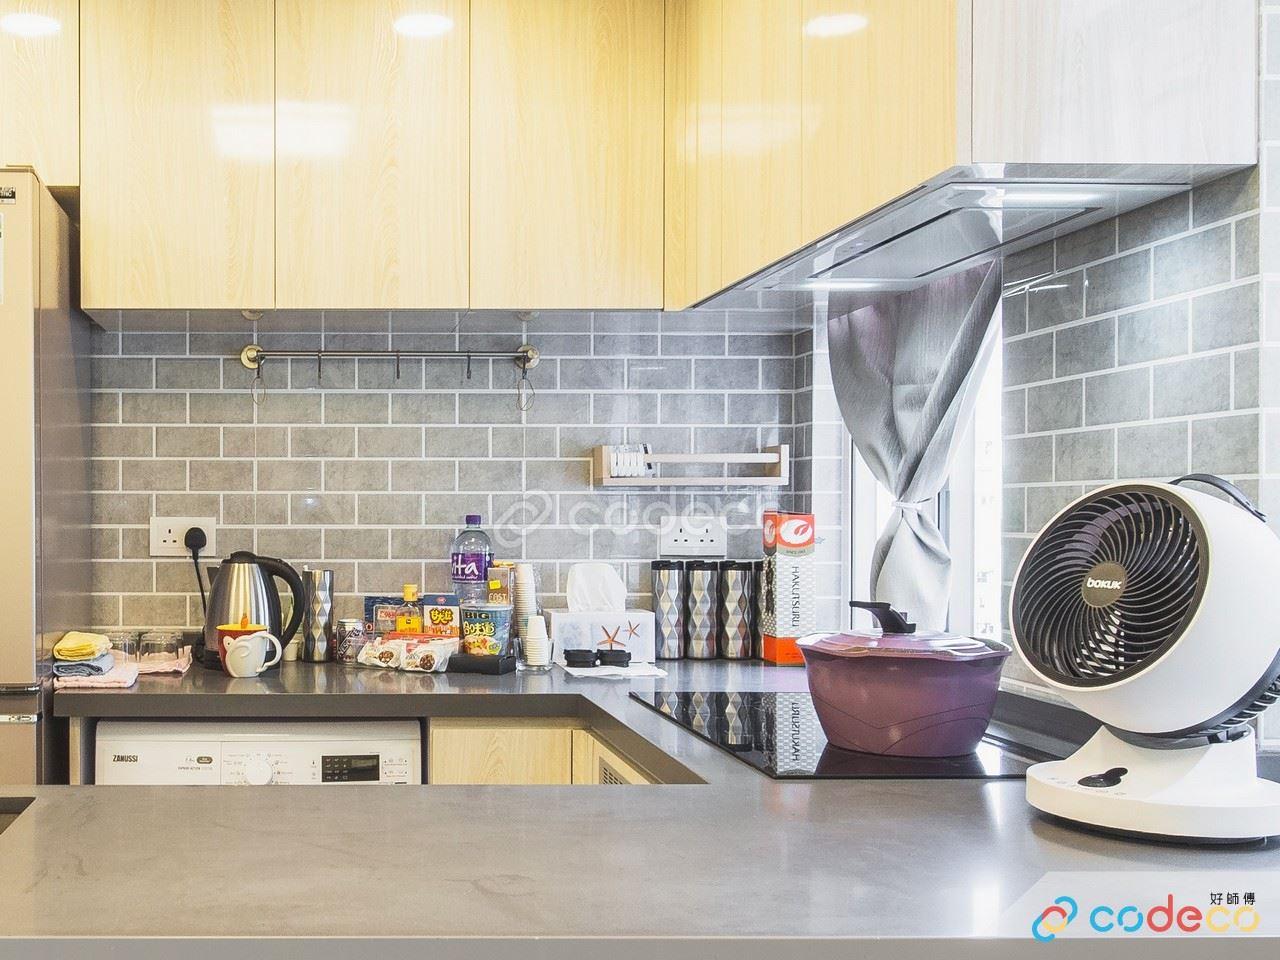 私人住宅廚房灰色麵包磚案例